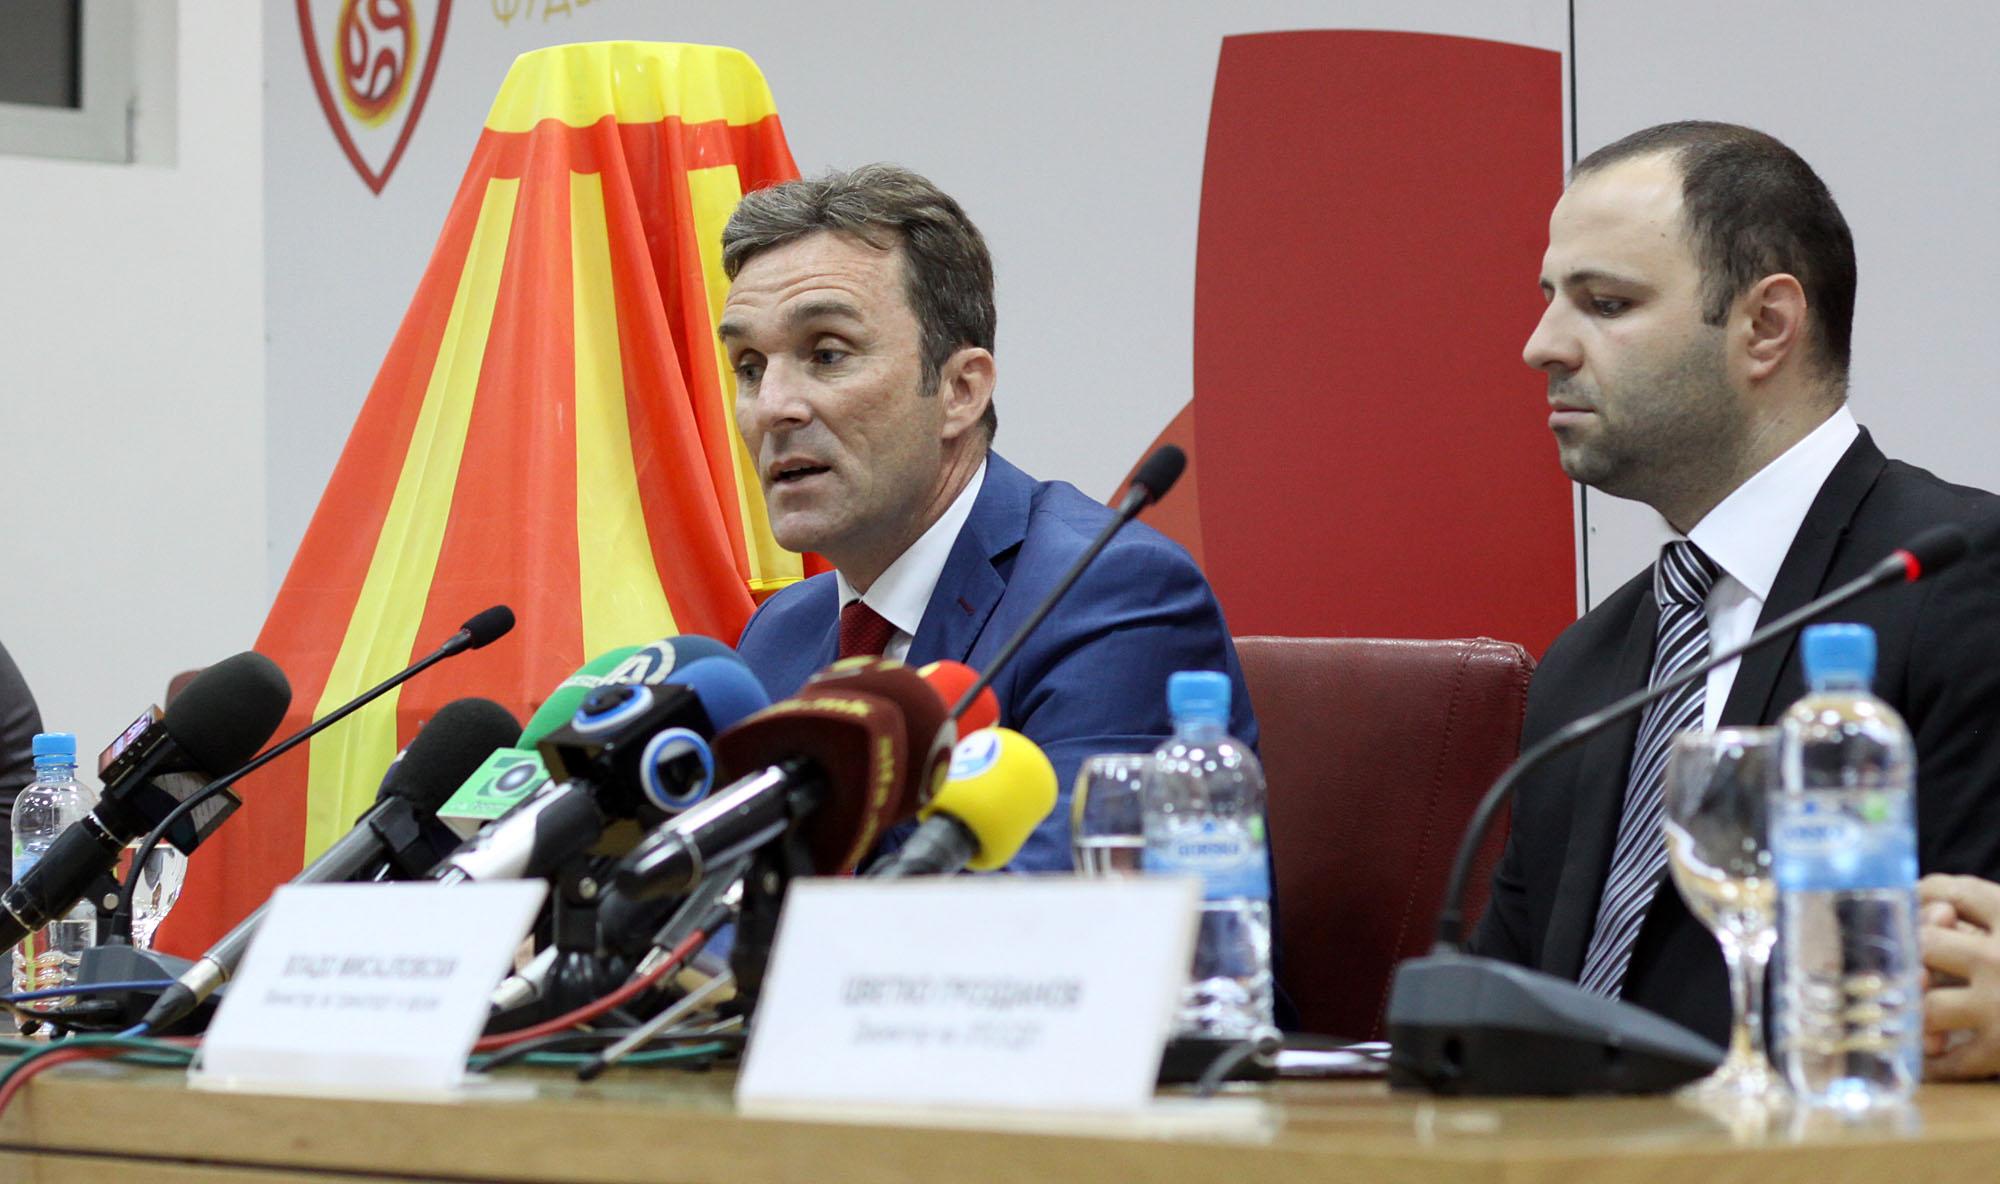 ФФМ со поддршка од Владата ќе биде достоен домаќин на Суперкупот